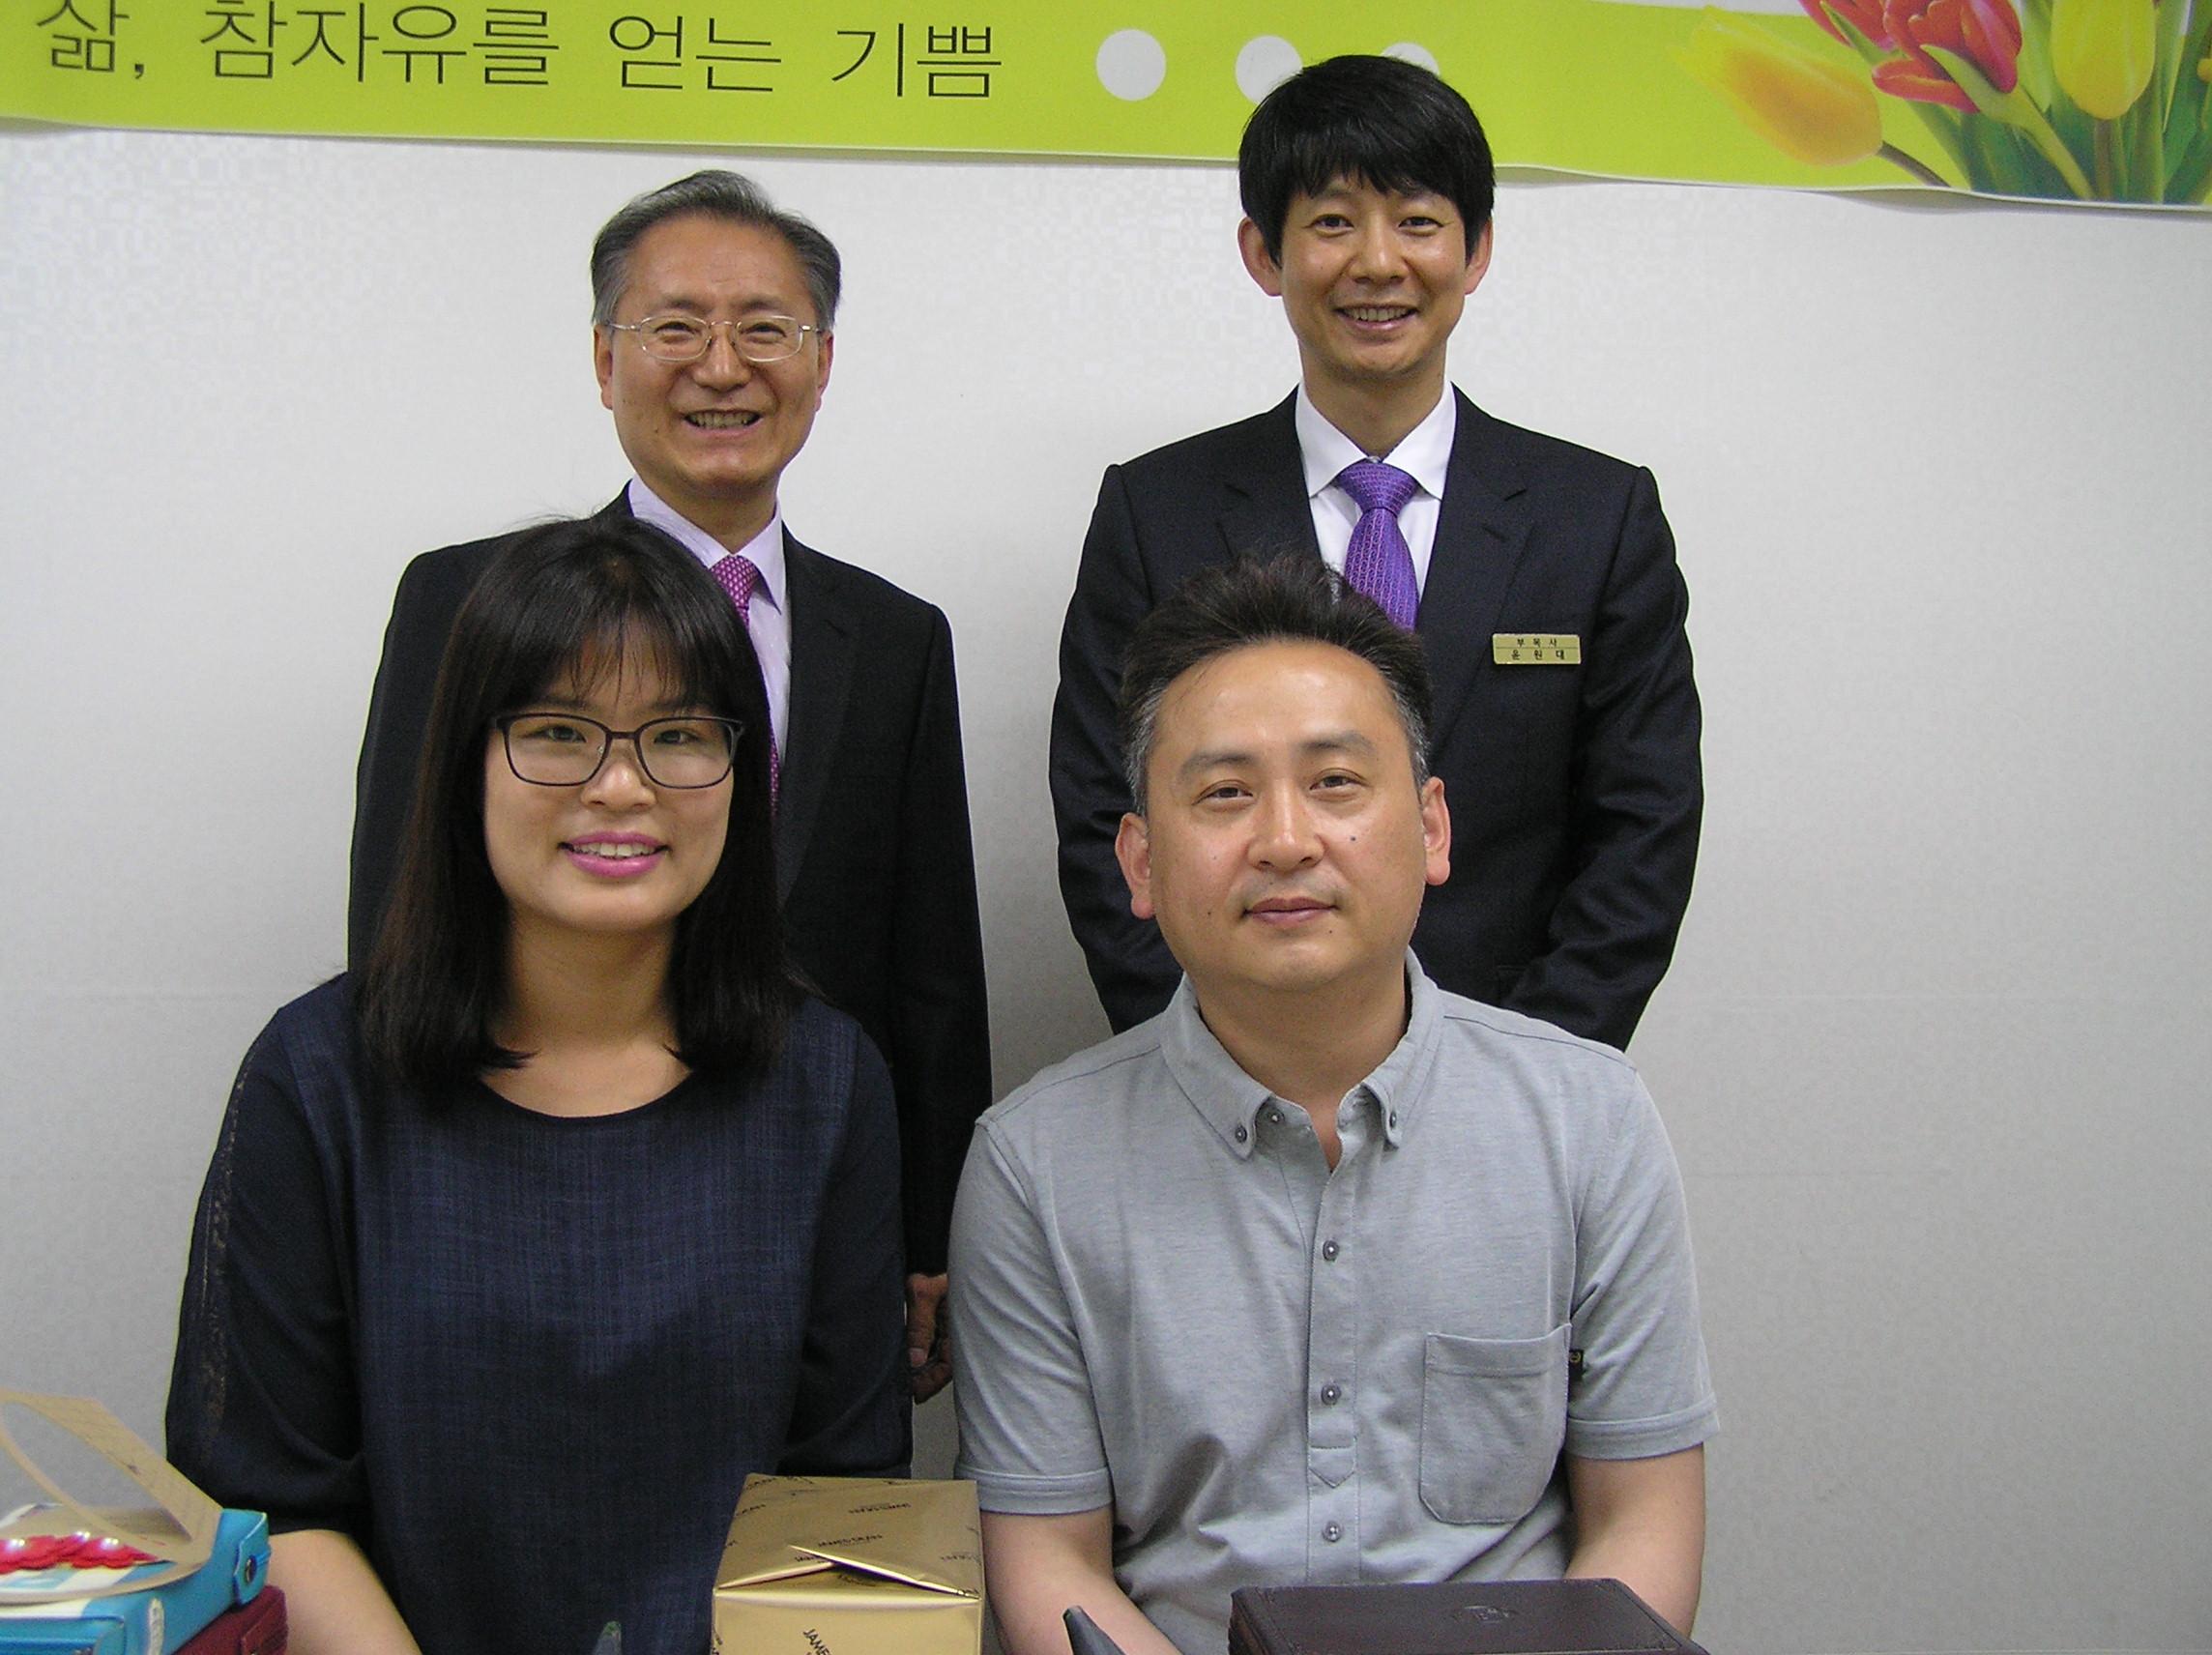 170507 황인권 박정순.JPG